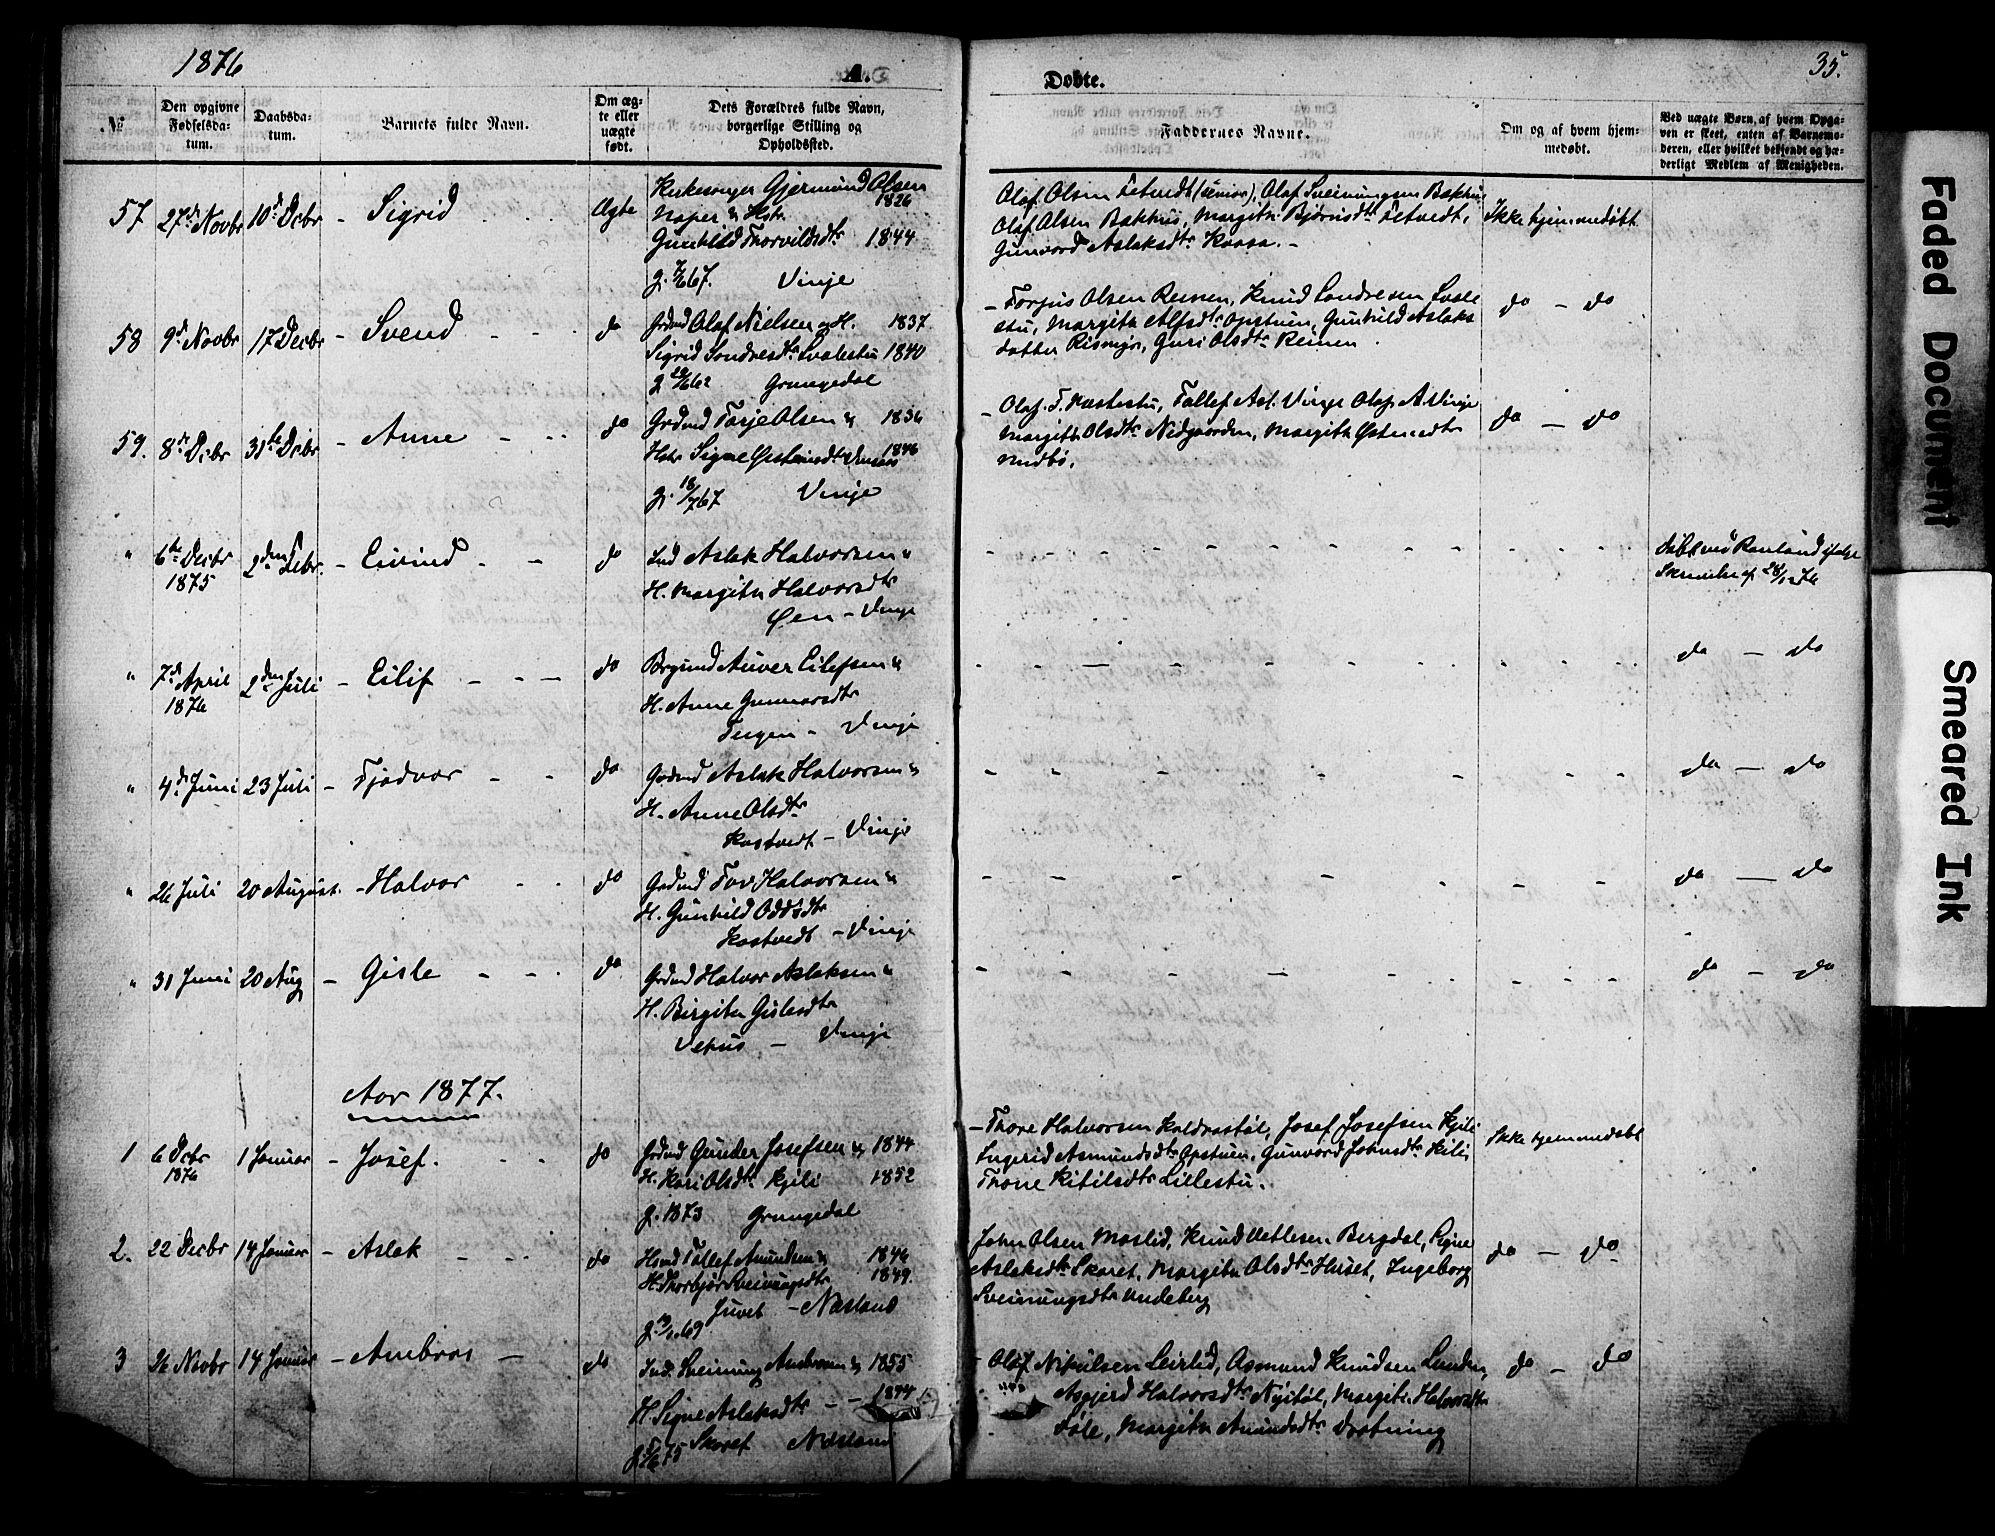 SAKO, Vinje kirkebøker, F/Fa/L0005: Ministerialbok nr. I 5, 1870-1886, s. 35